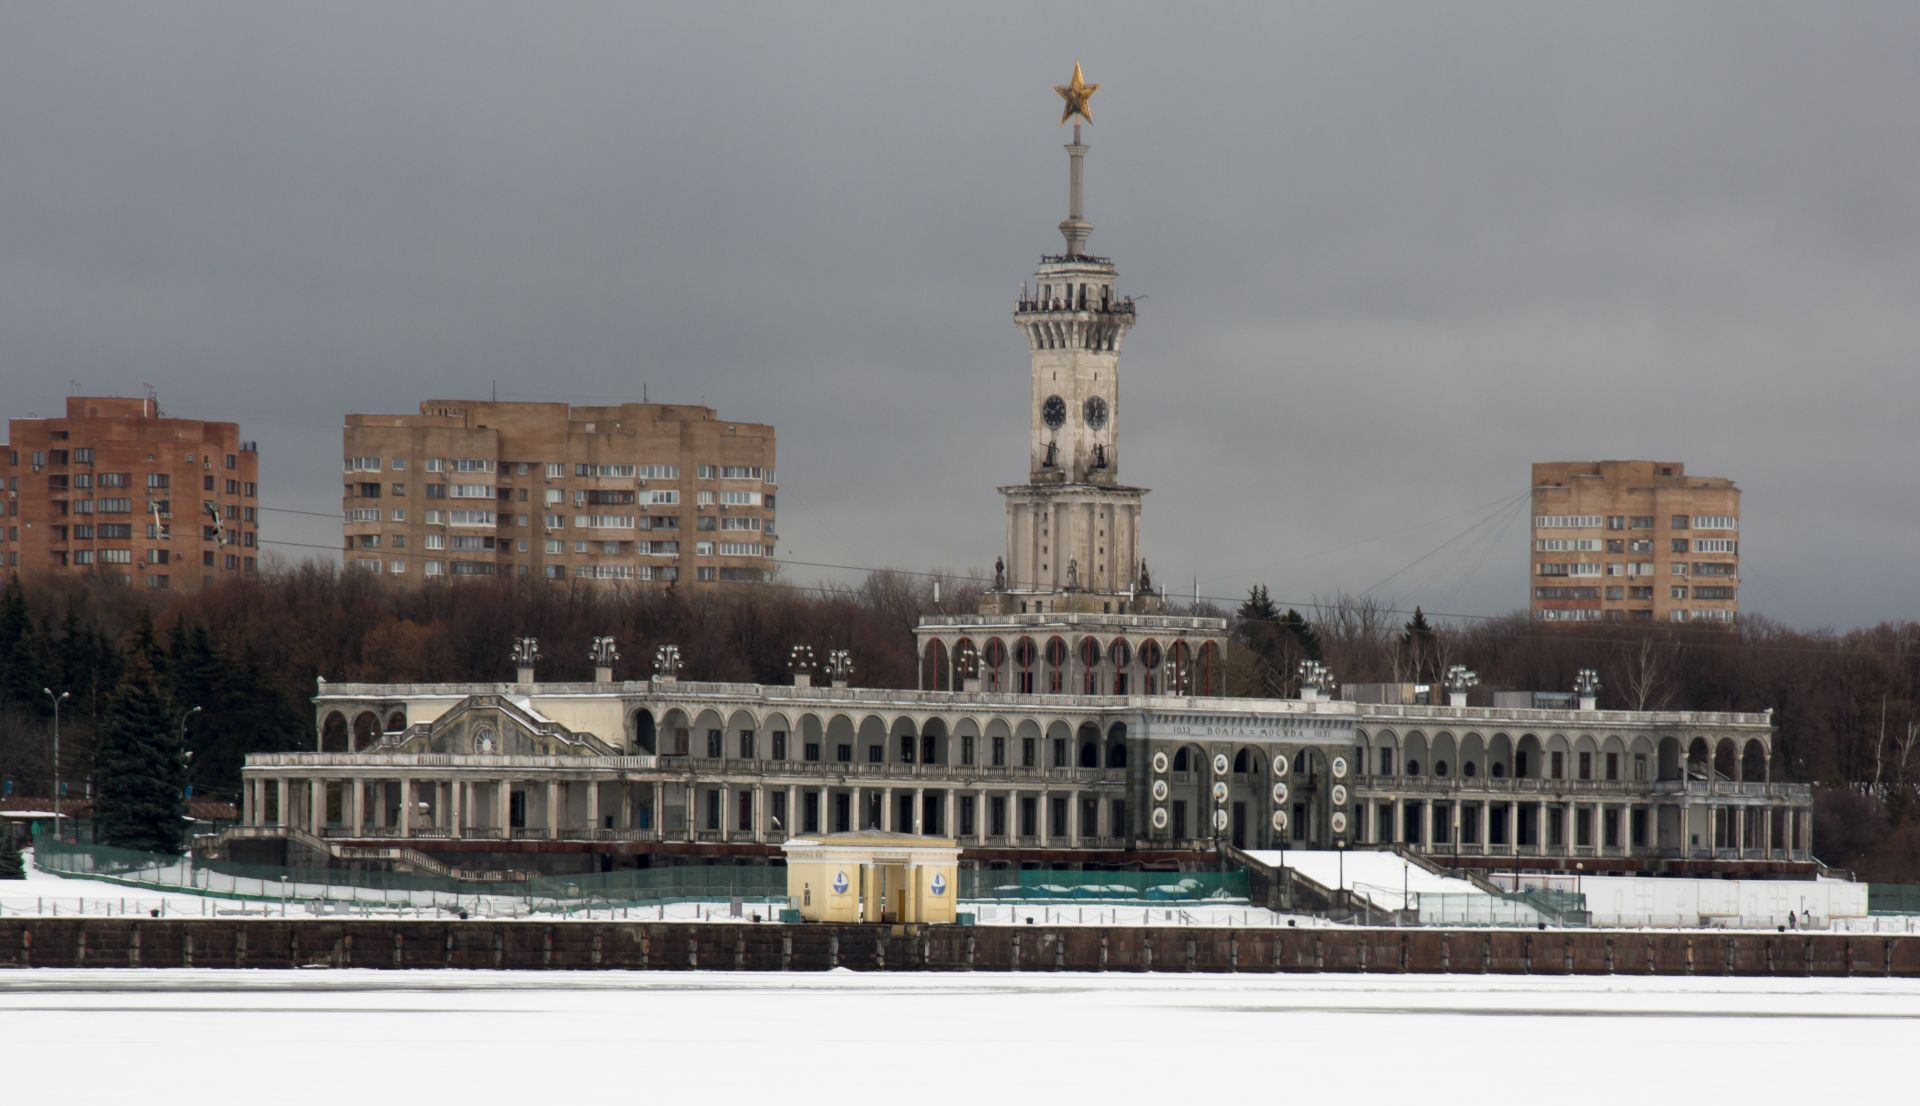 Севечерната речна гара на Москва  се намира в Левобережни район